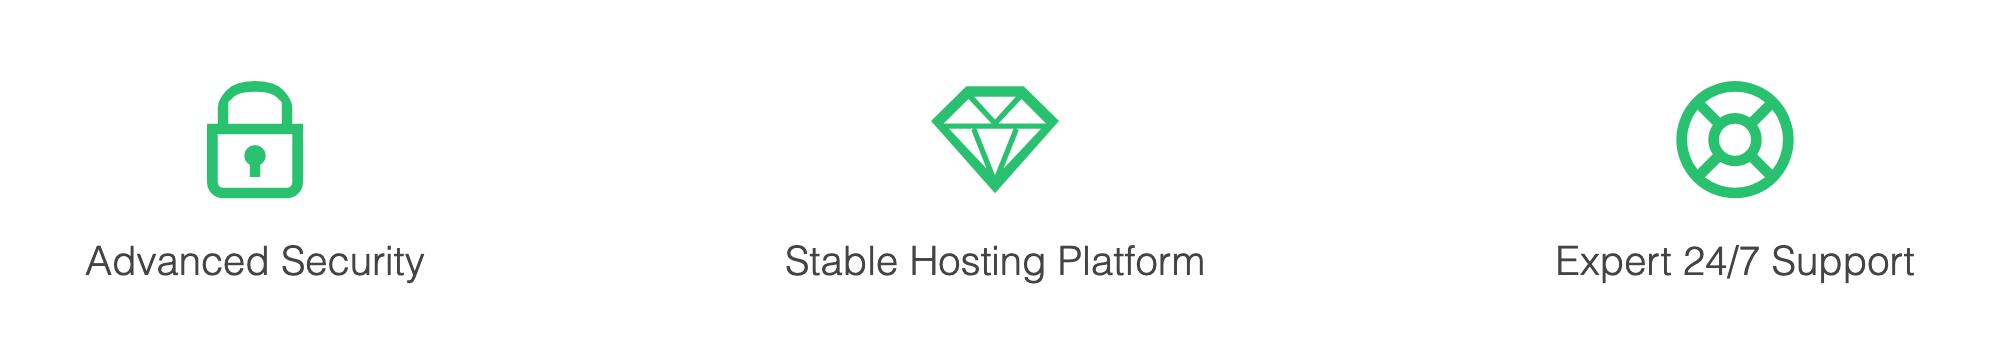 GreenGeeks Hosting Features